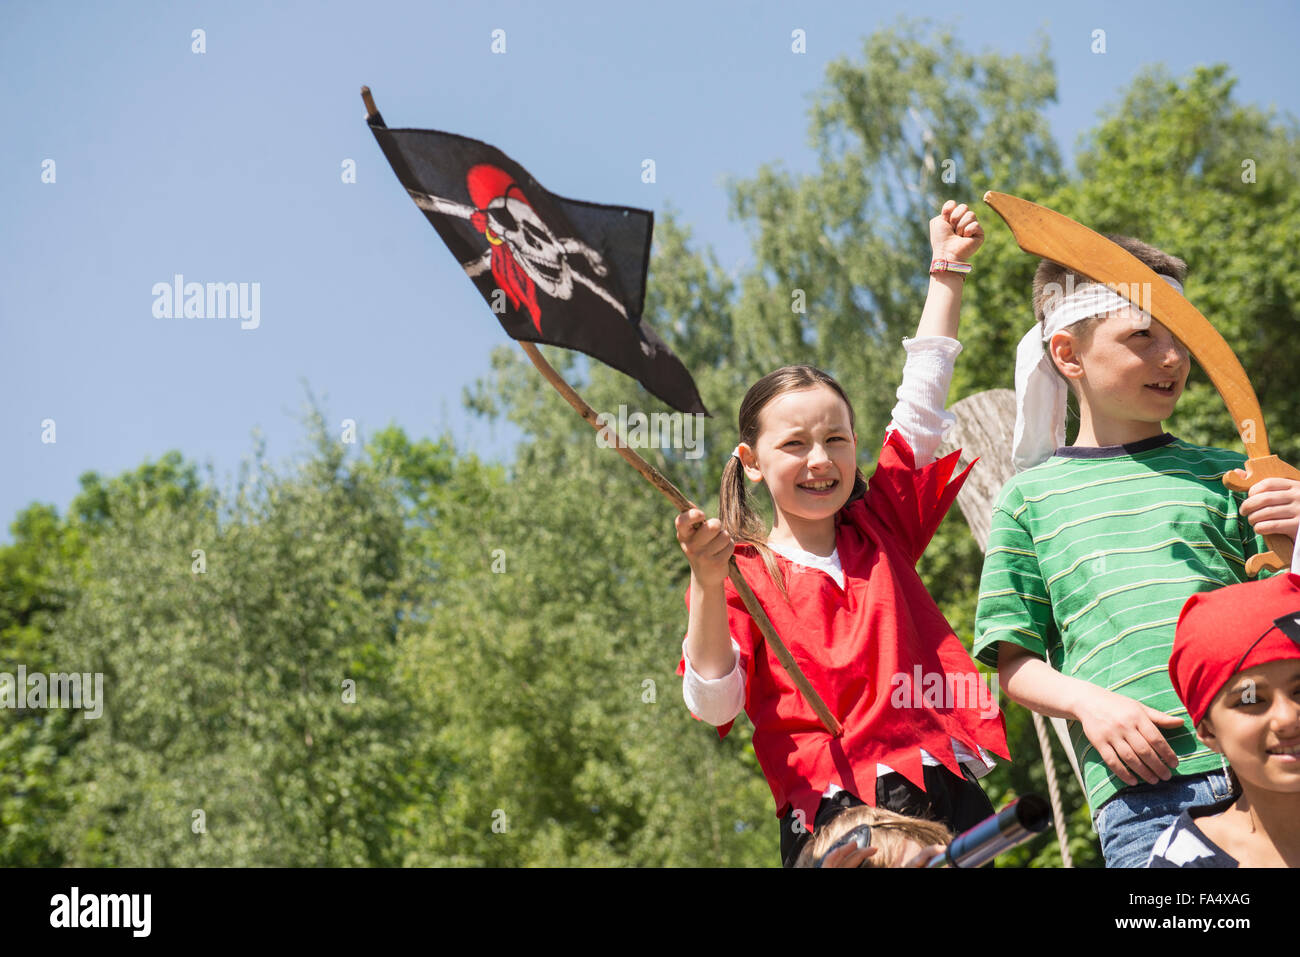 Mädchen mit Piraten Fahne mit ihren Freunden in Abenteuer Spielplatz, Bayern, Deutschland Stockbild